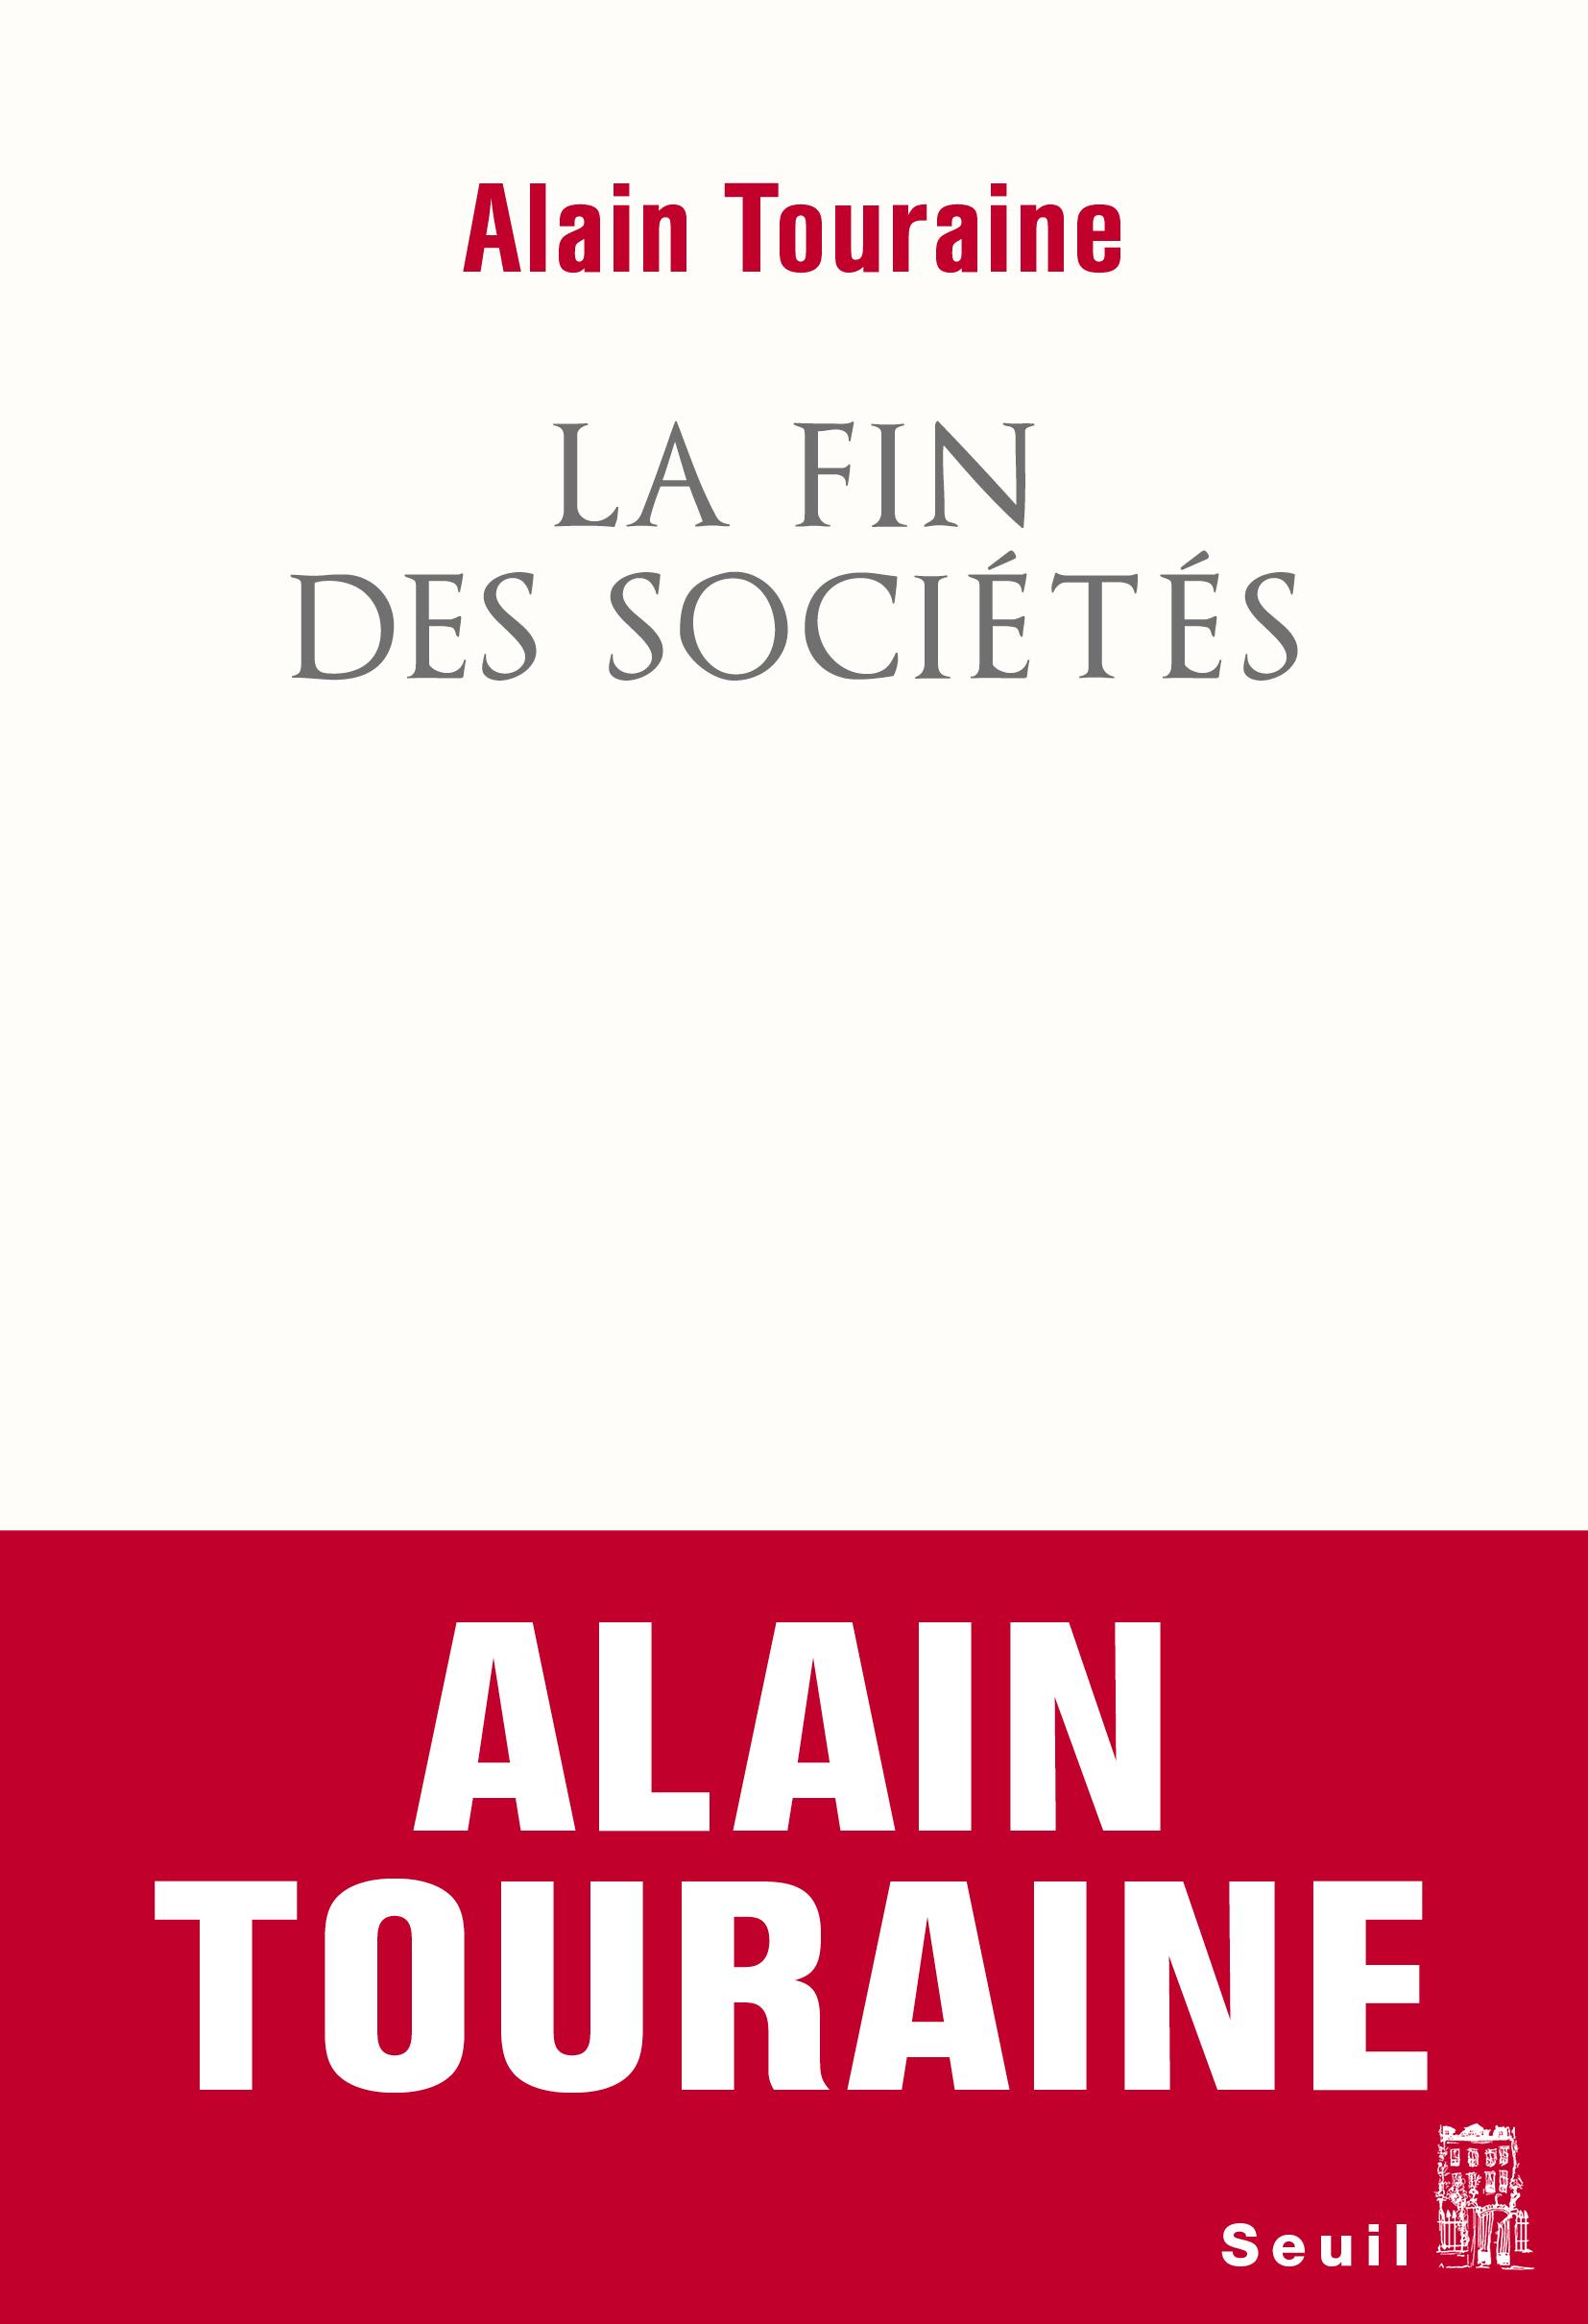 Débat avec Alain Touraine – La fin des sociétés